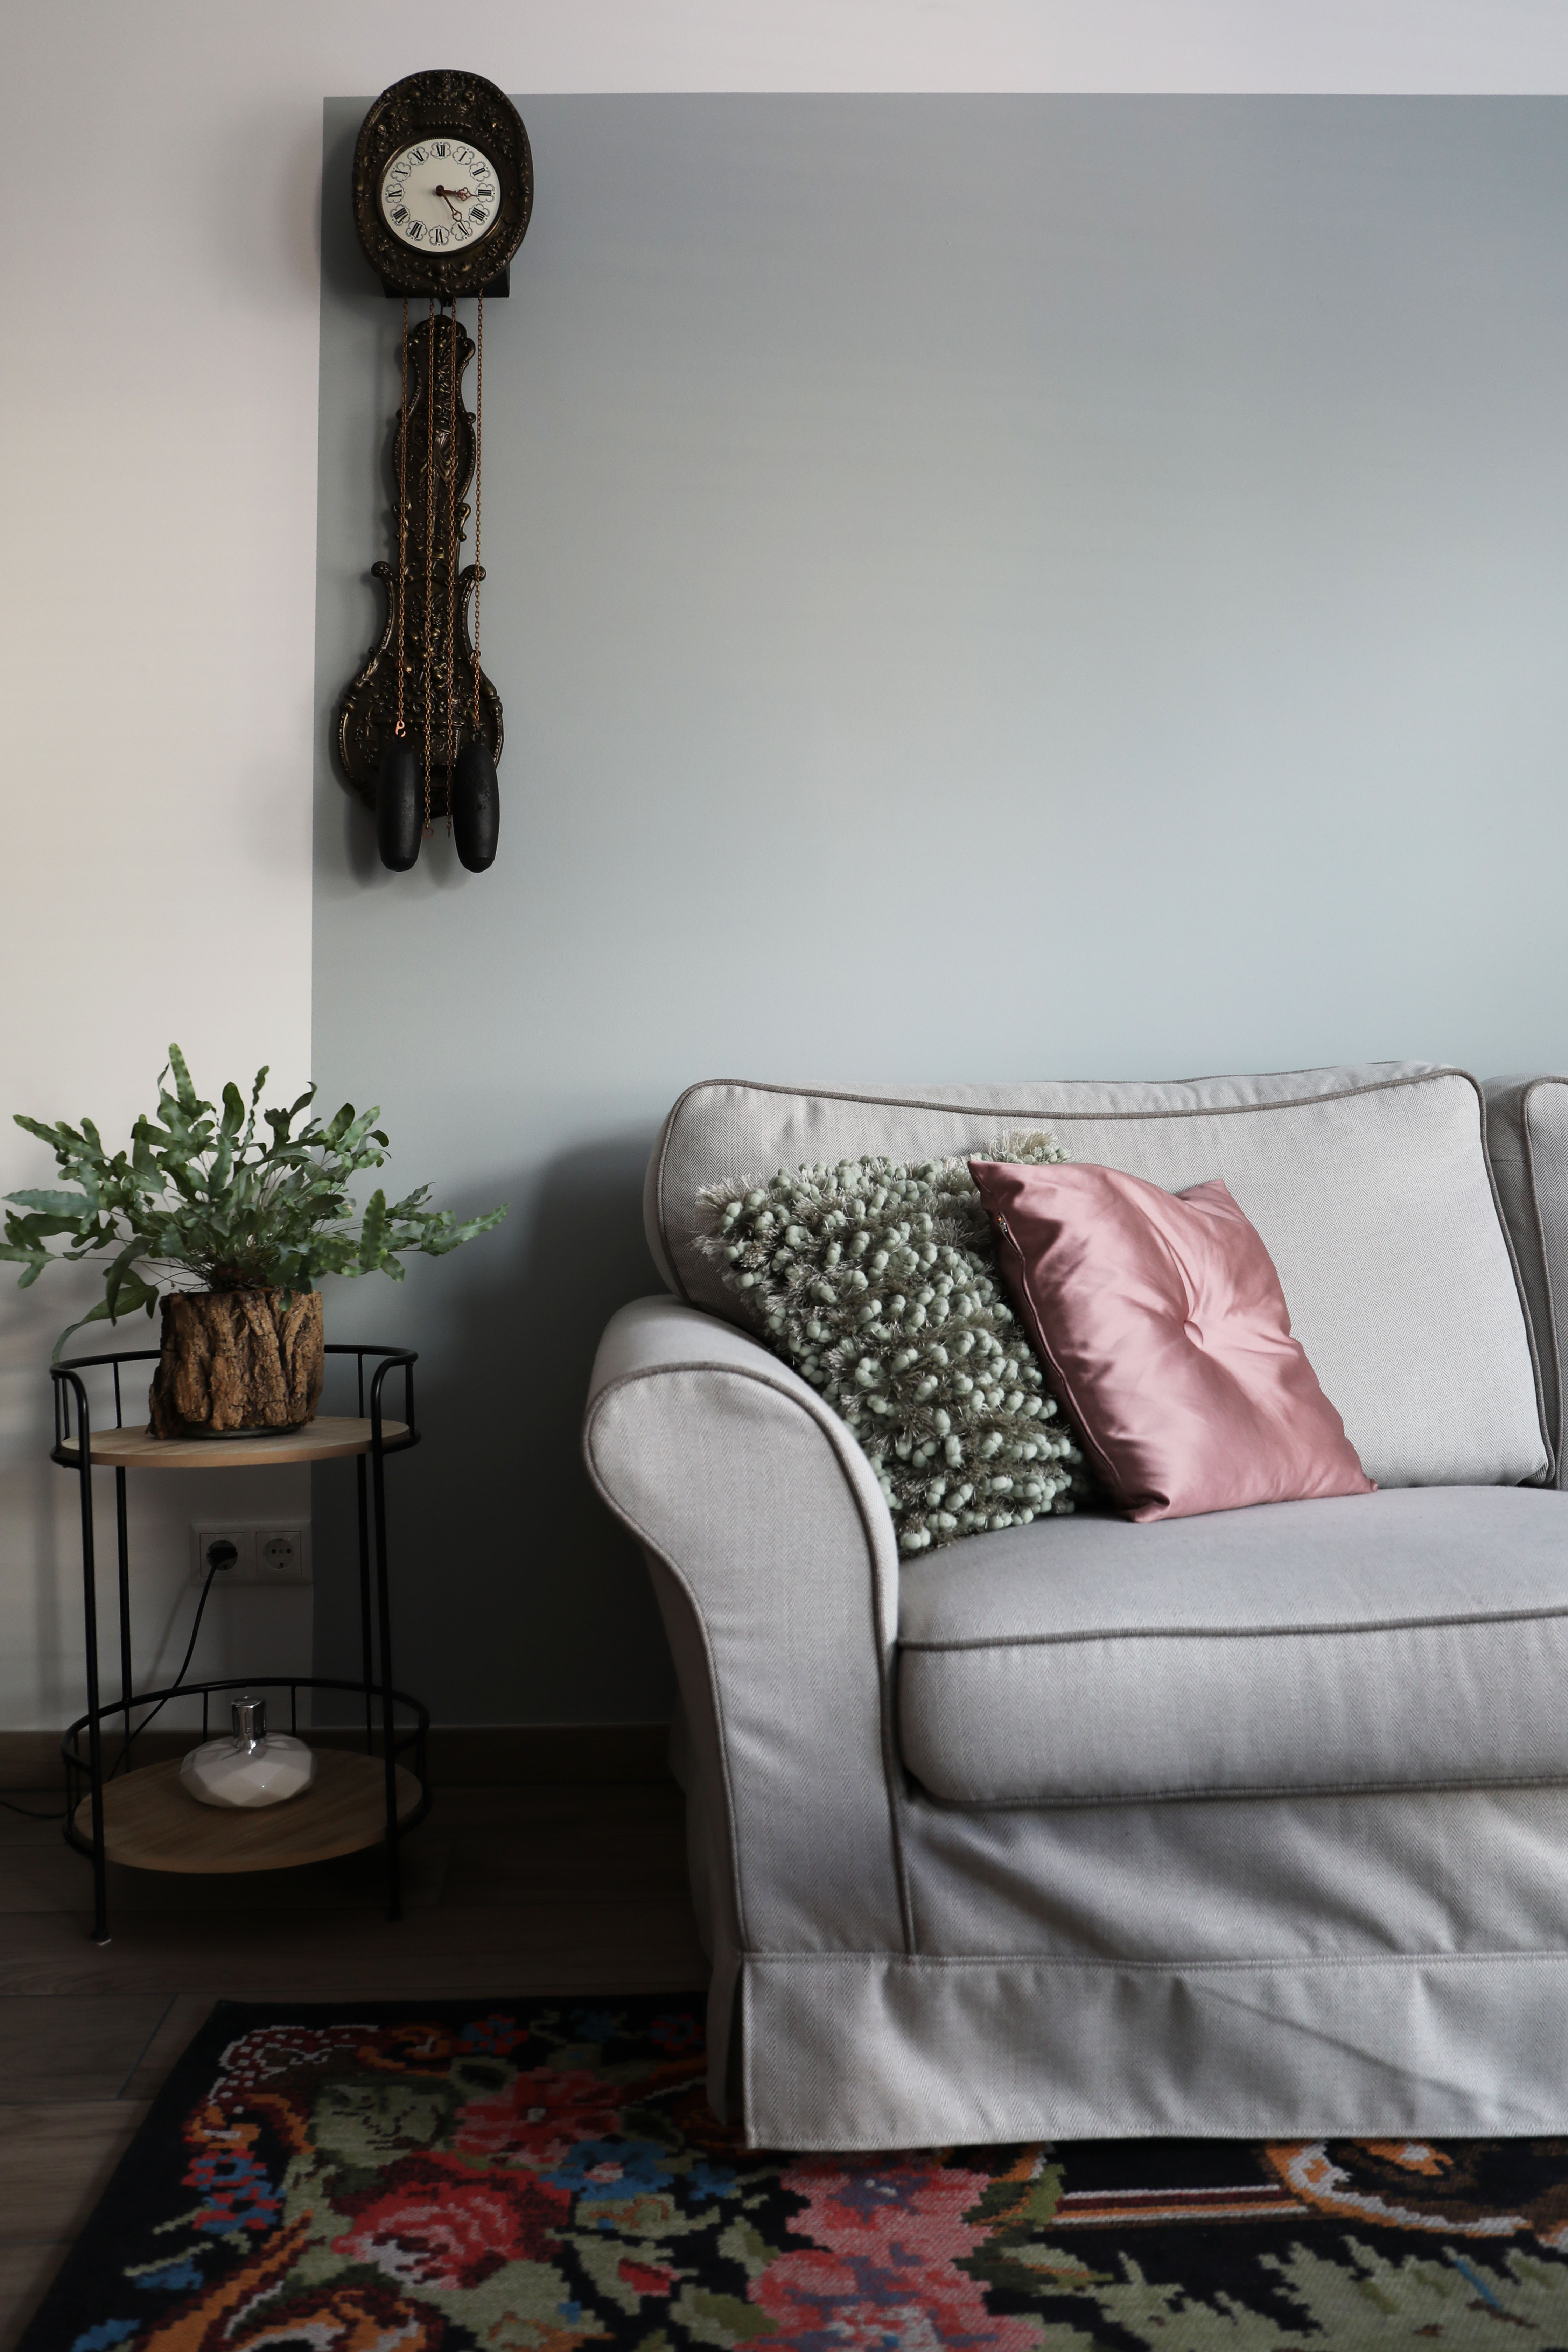 Home interior interieur ontwerp content creatie video videografie foto fotografie 4K bedrijven bedrijfsvideo bedrijfsfoto promotie- RSDesigns